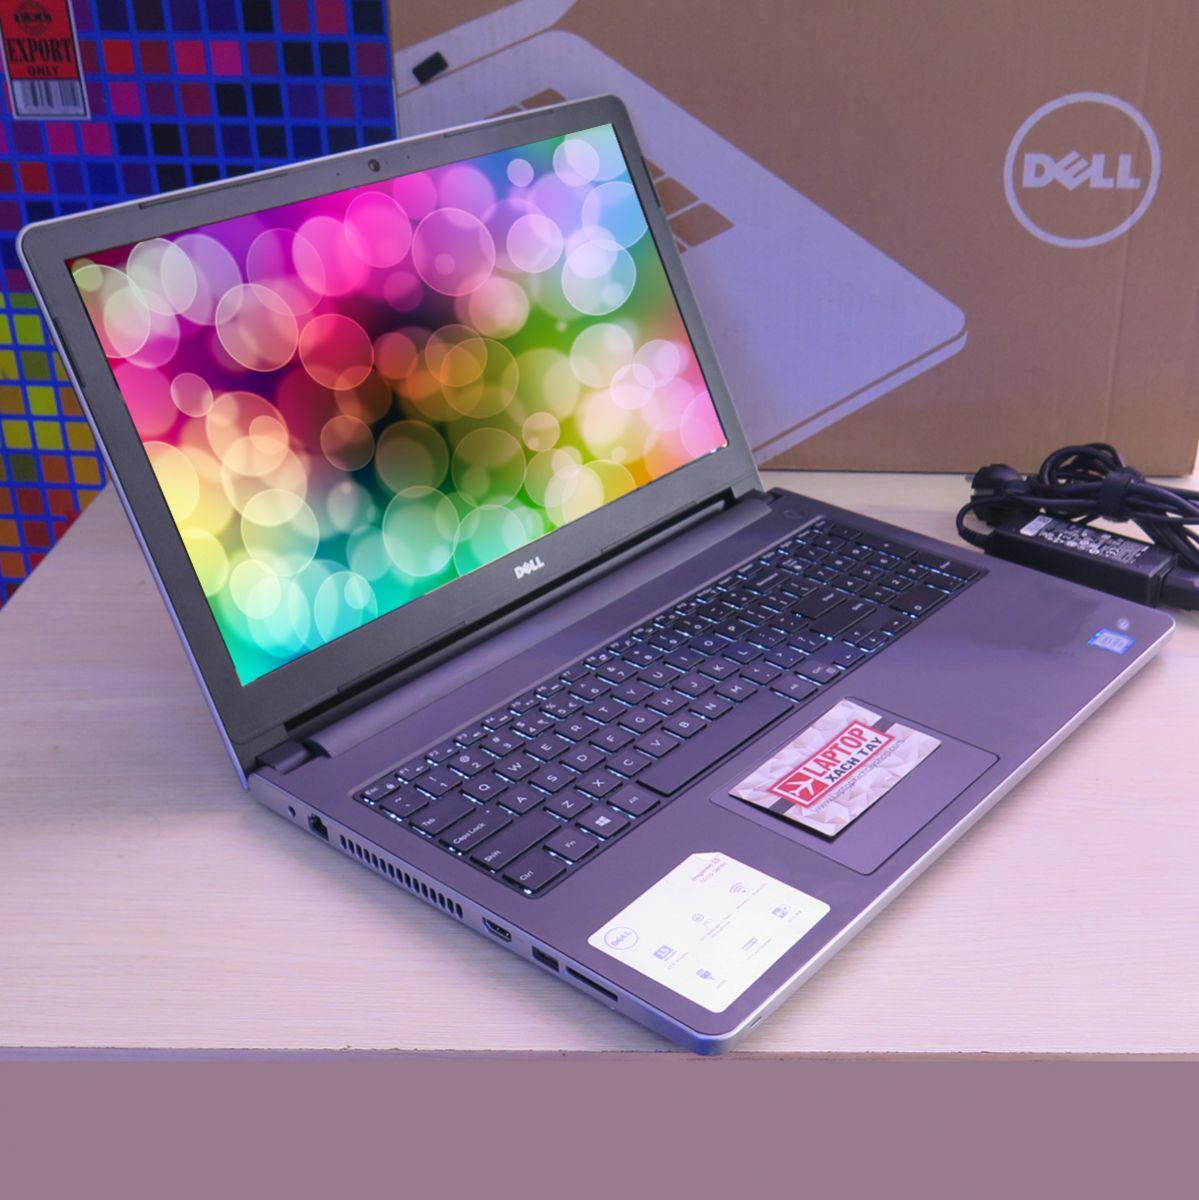 Dell Inspirion N5559